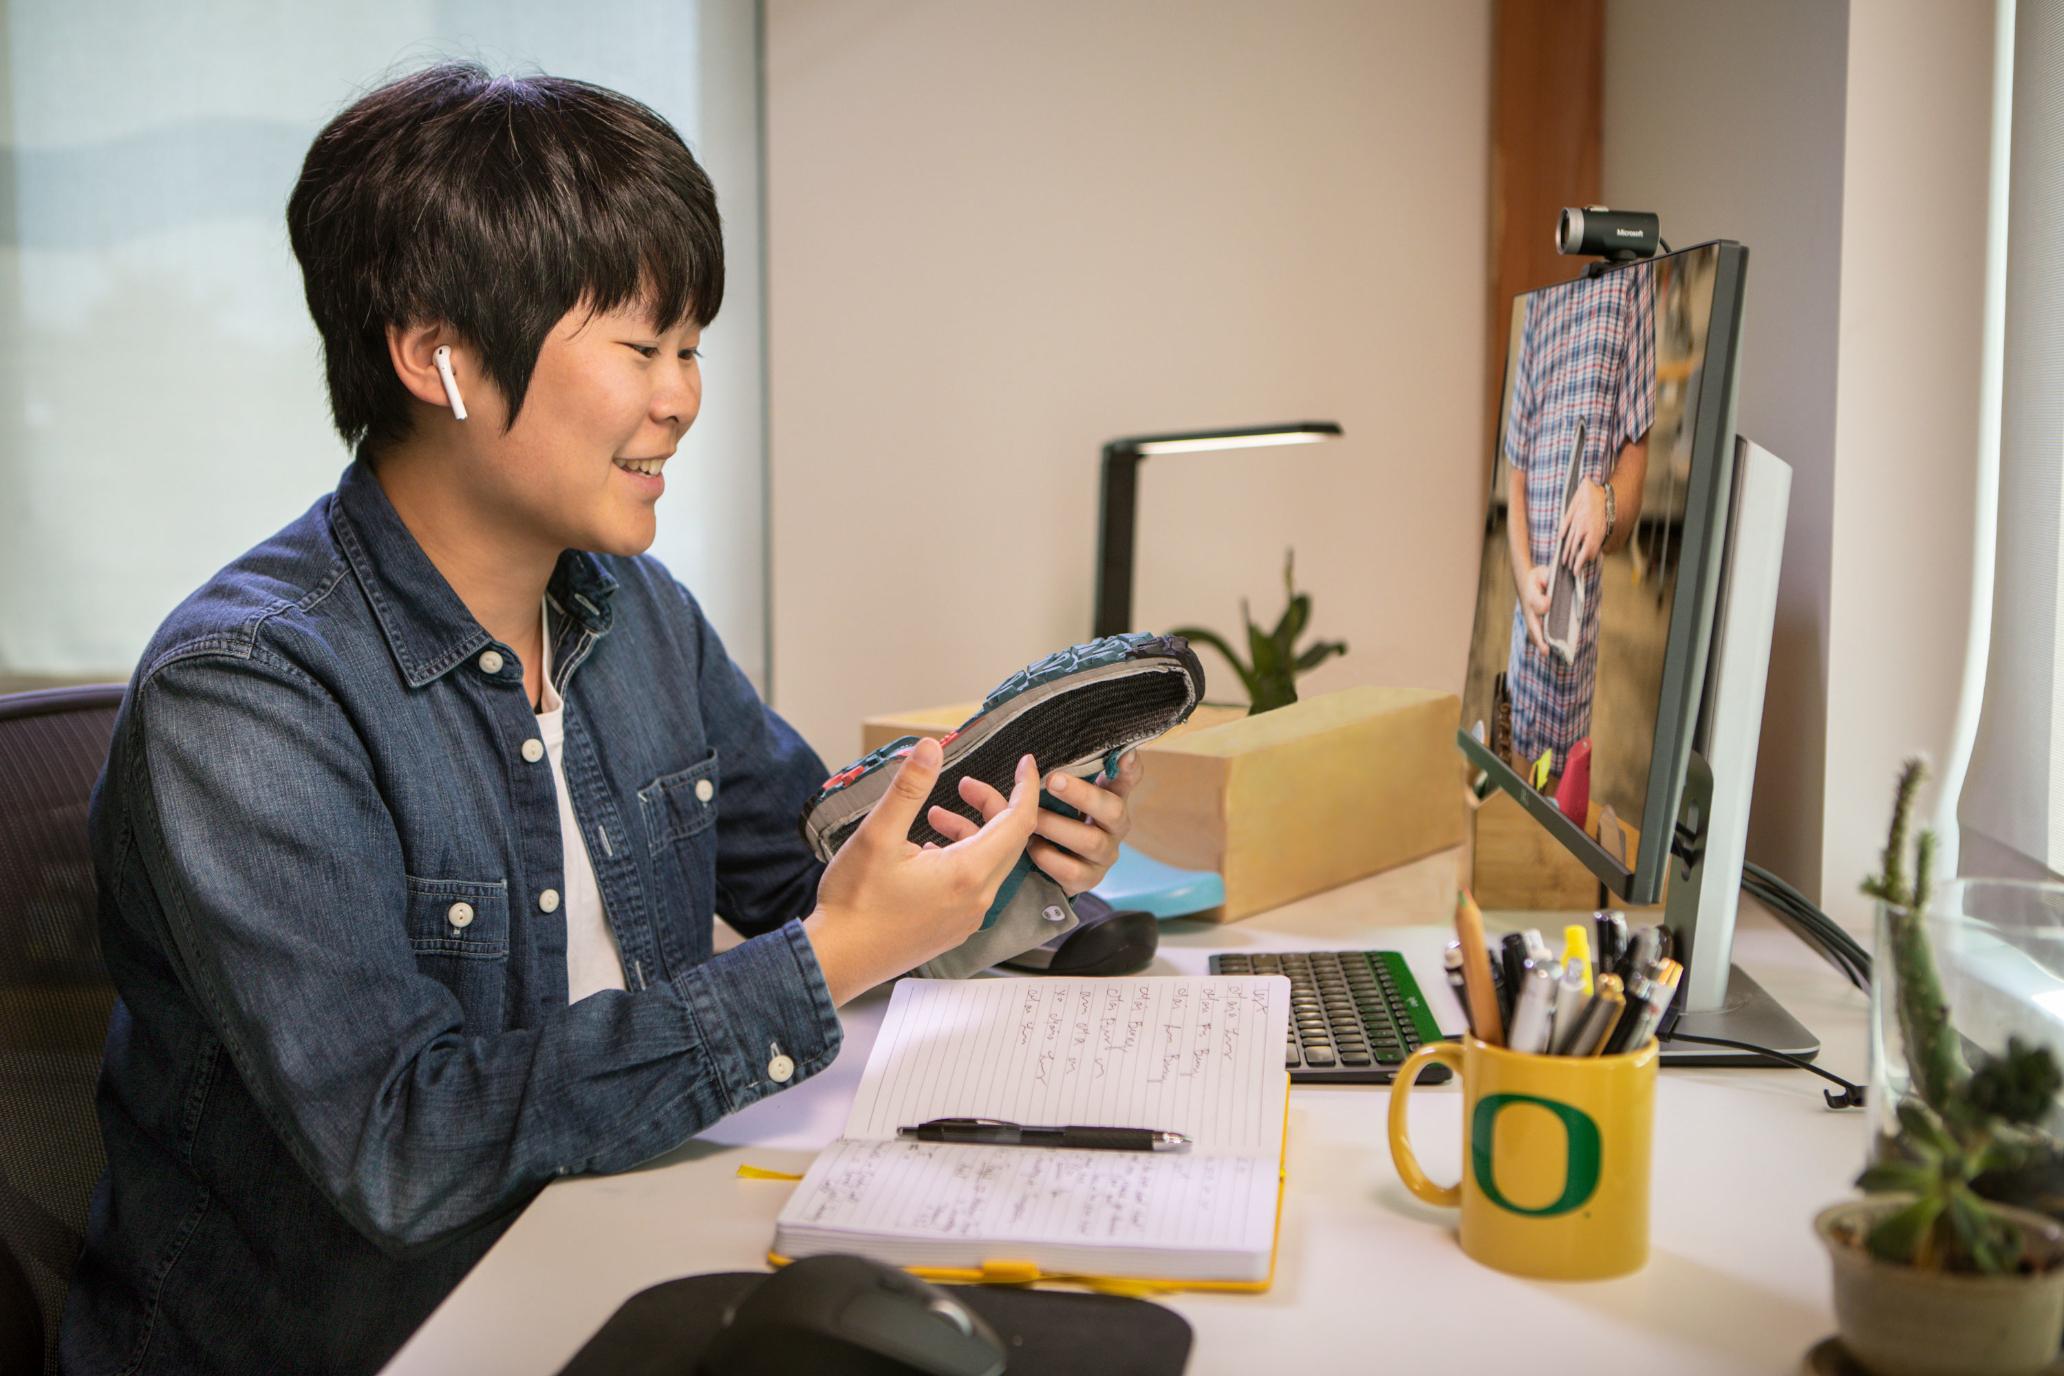 University of Oregon'sSports Product Management program